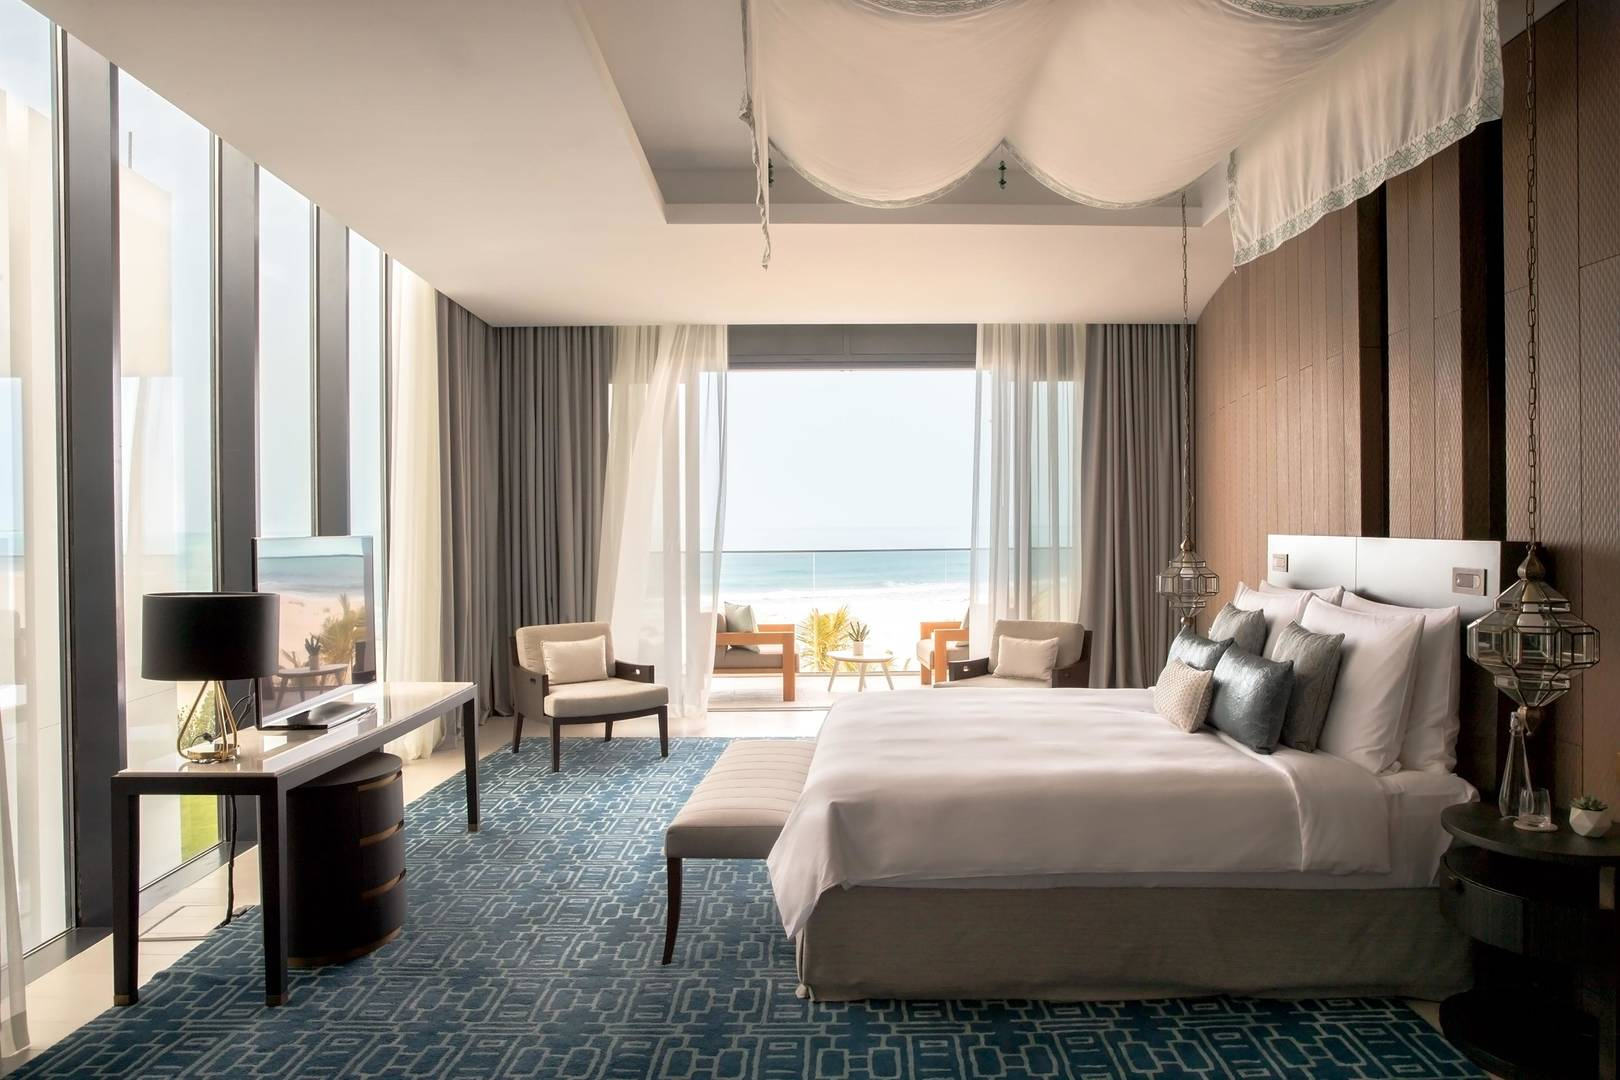 View at the bedroom of the Three Bedrooms Villa at Jumeirah Saadiyat Island Resort